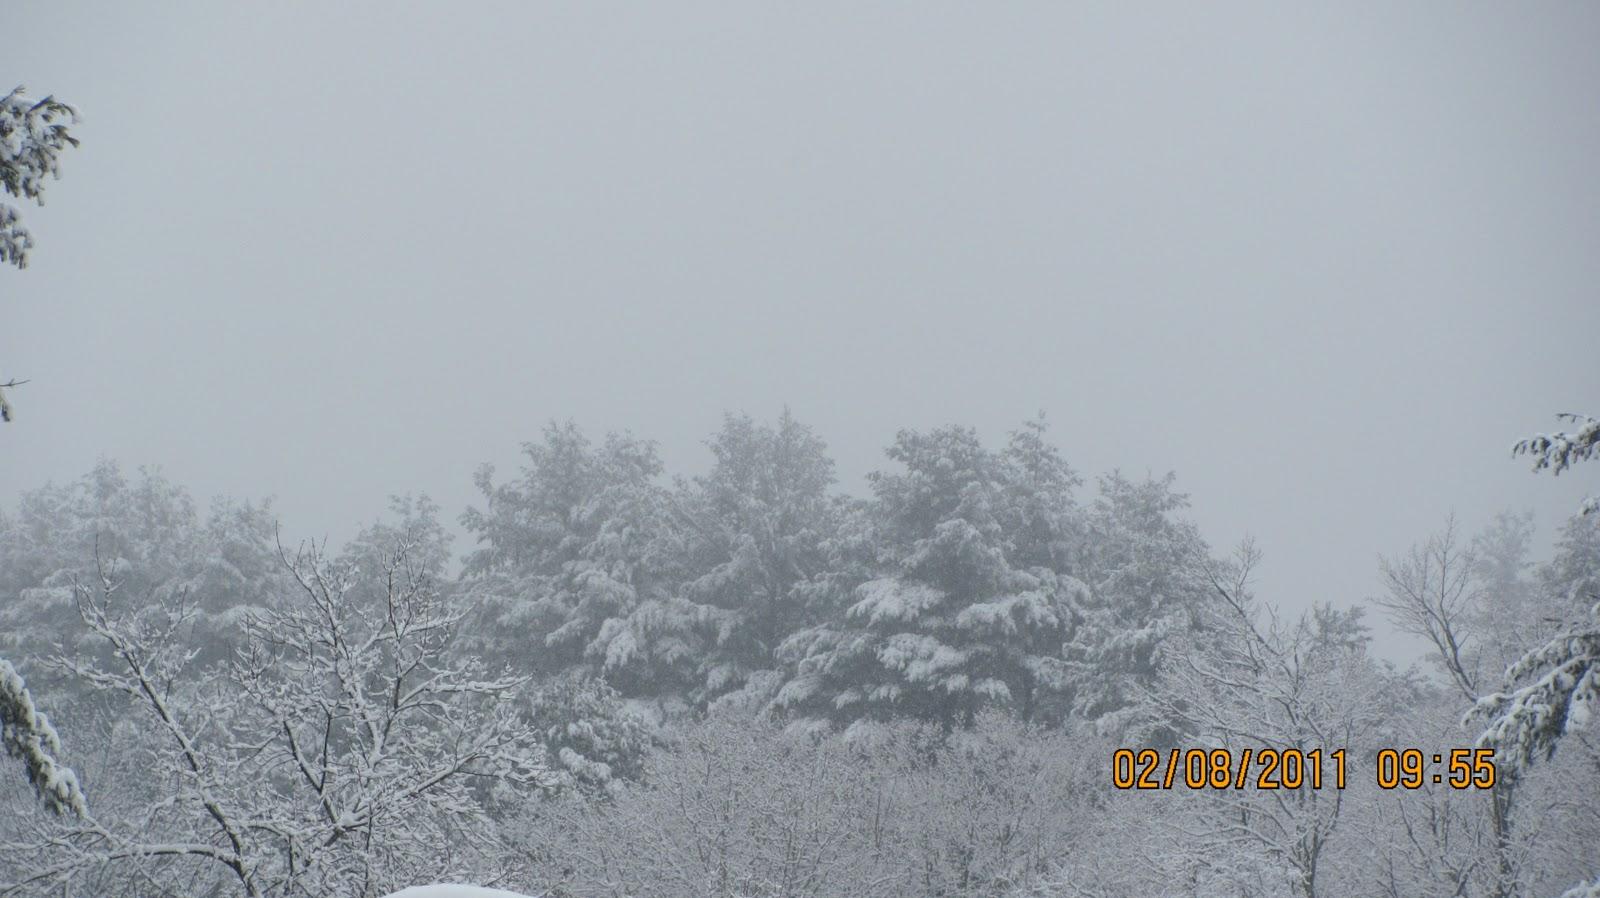 http://2.bp.blogspot.com/_TH_41l9qQQ8/TVGDv1gWVmI/AAAAAAAAGOQ/mIuWokzJ-ls/s1600/snowscapes+007.JPG